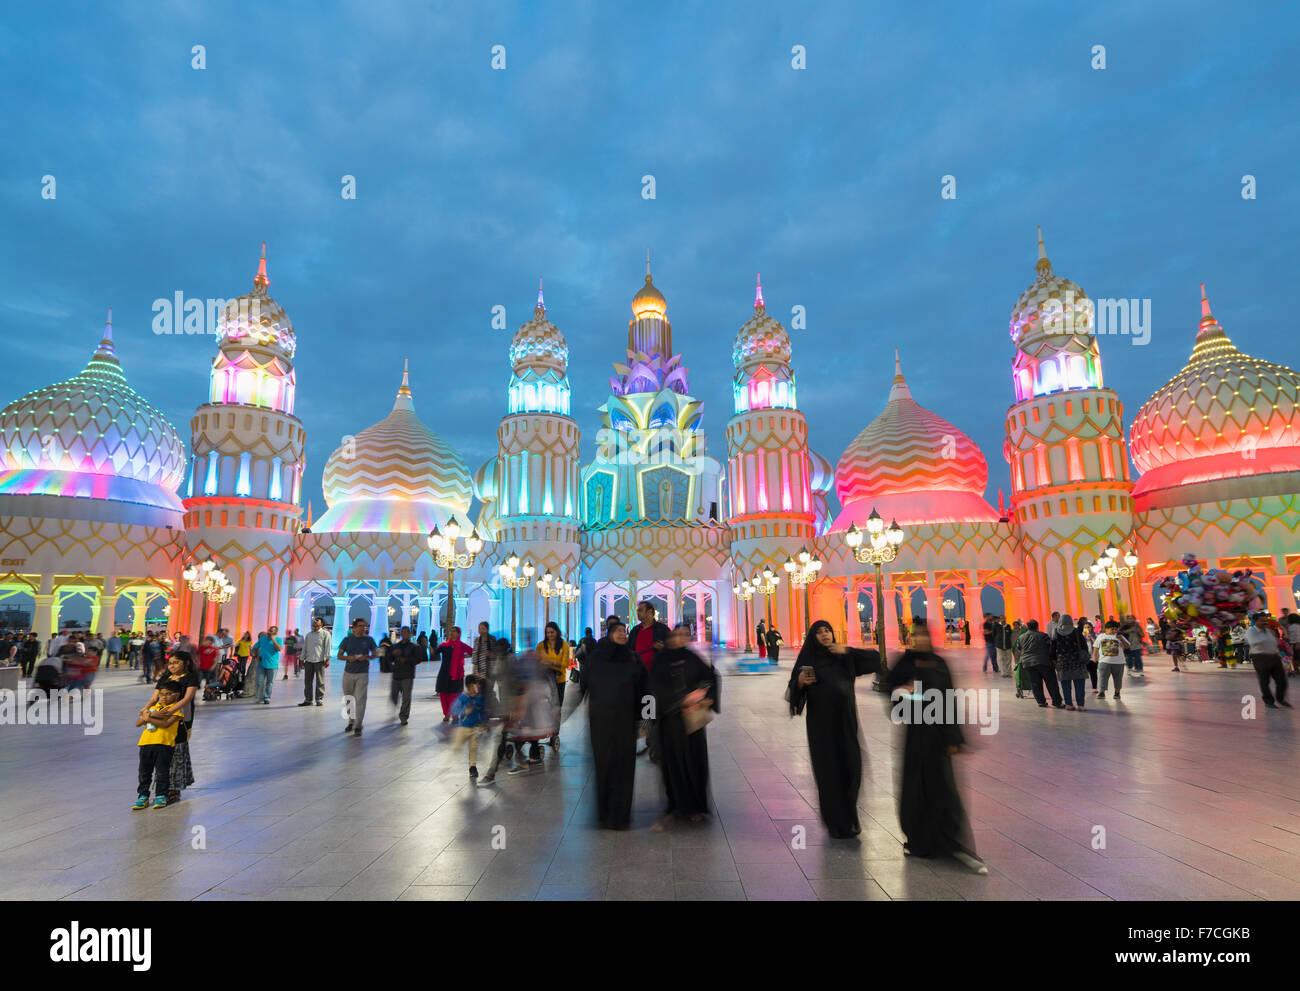 Vista serale del cancello illuminata del mondo in un villaggio globale 2015 in Dubai Emirati Arabi Uniti Immagini Stock